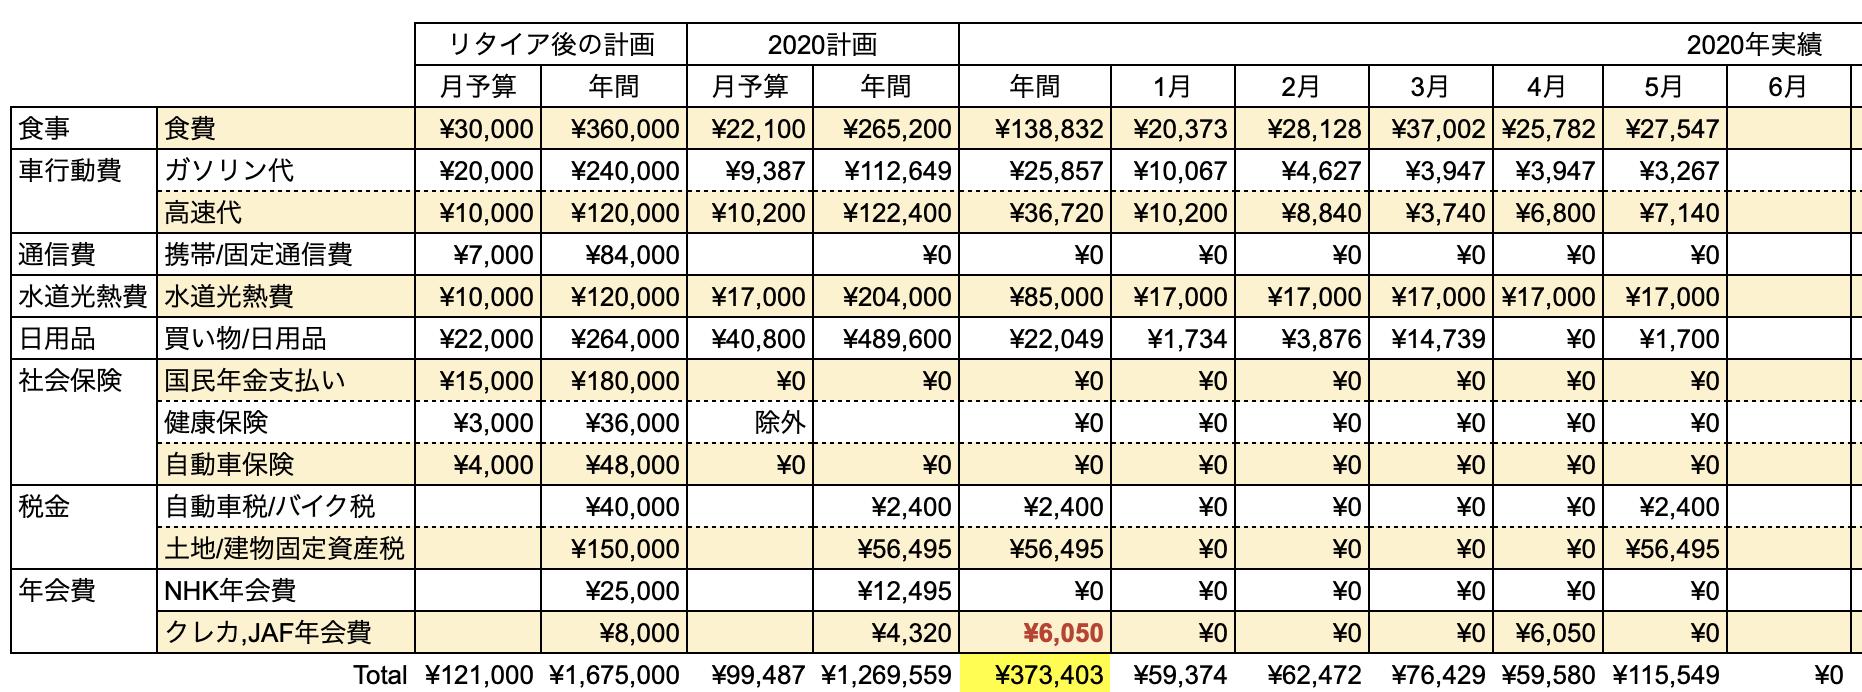 支出実績2020_05月_生活費